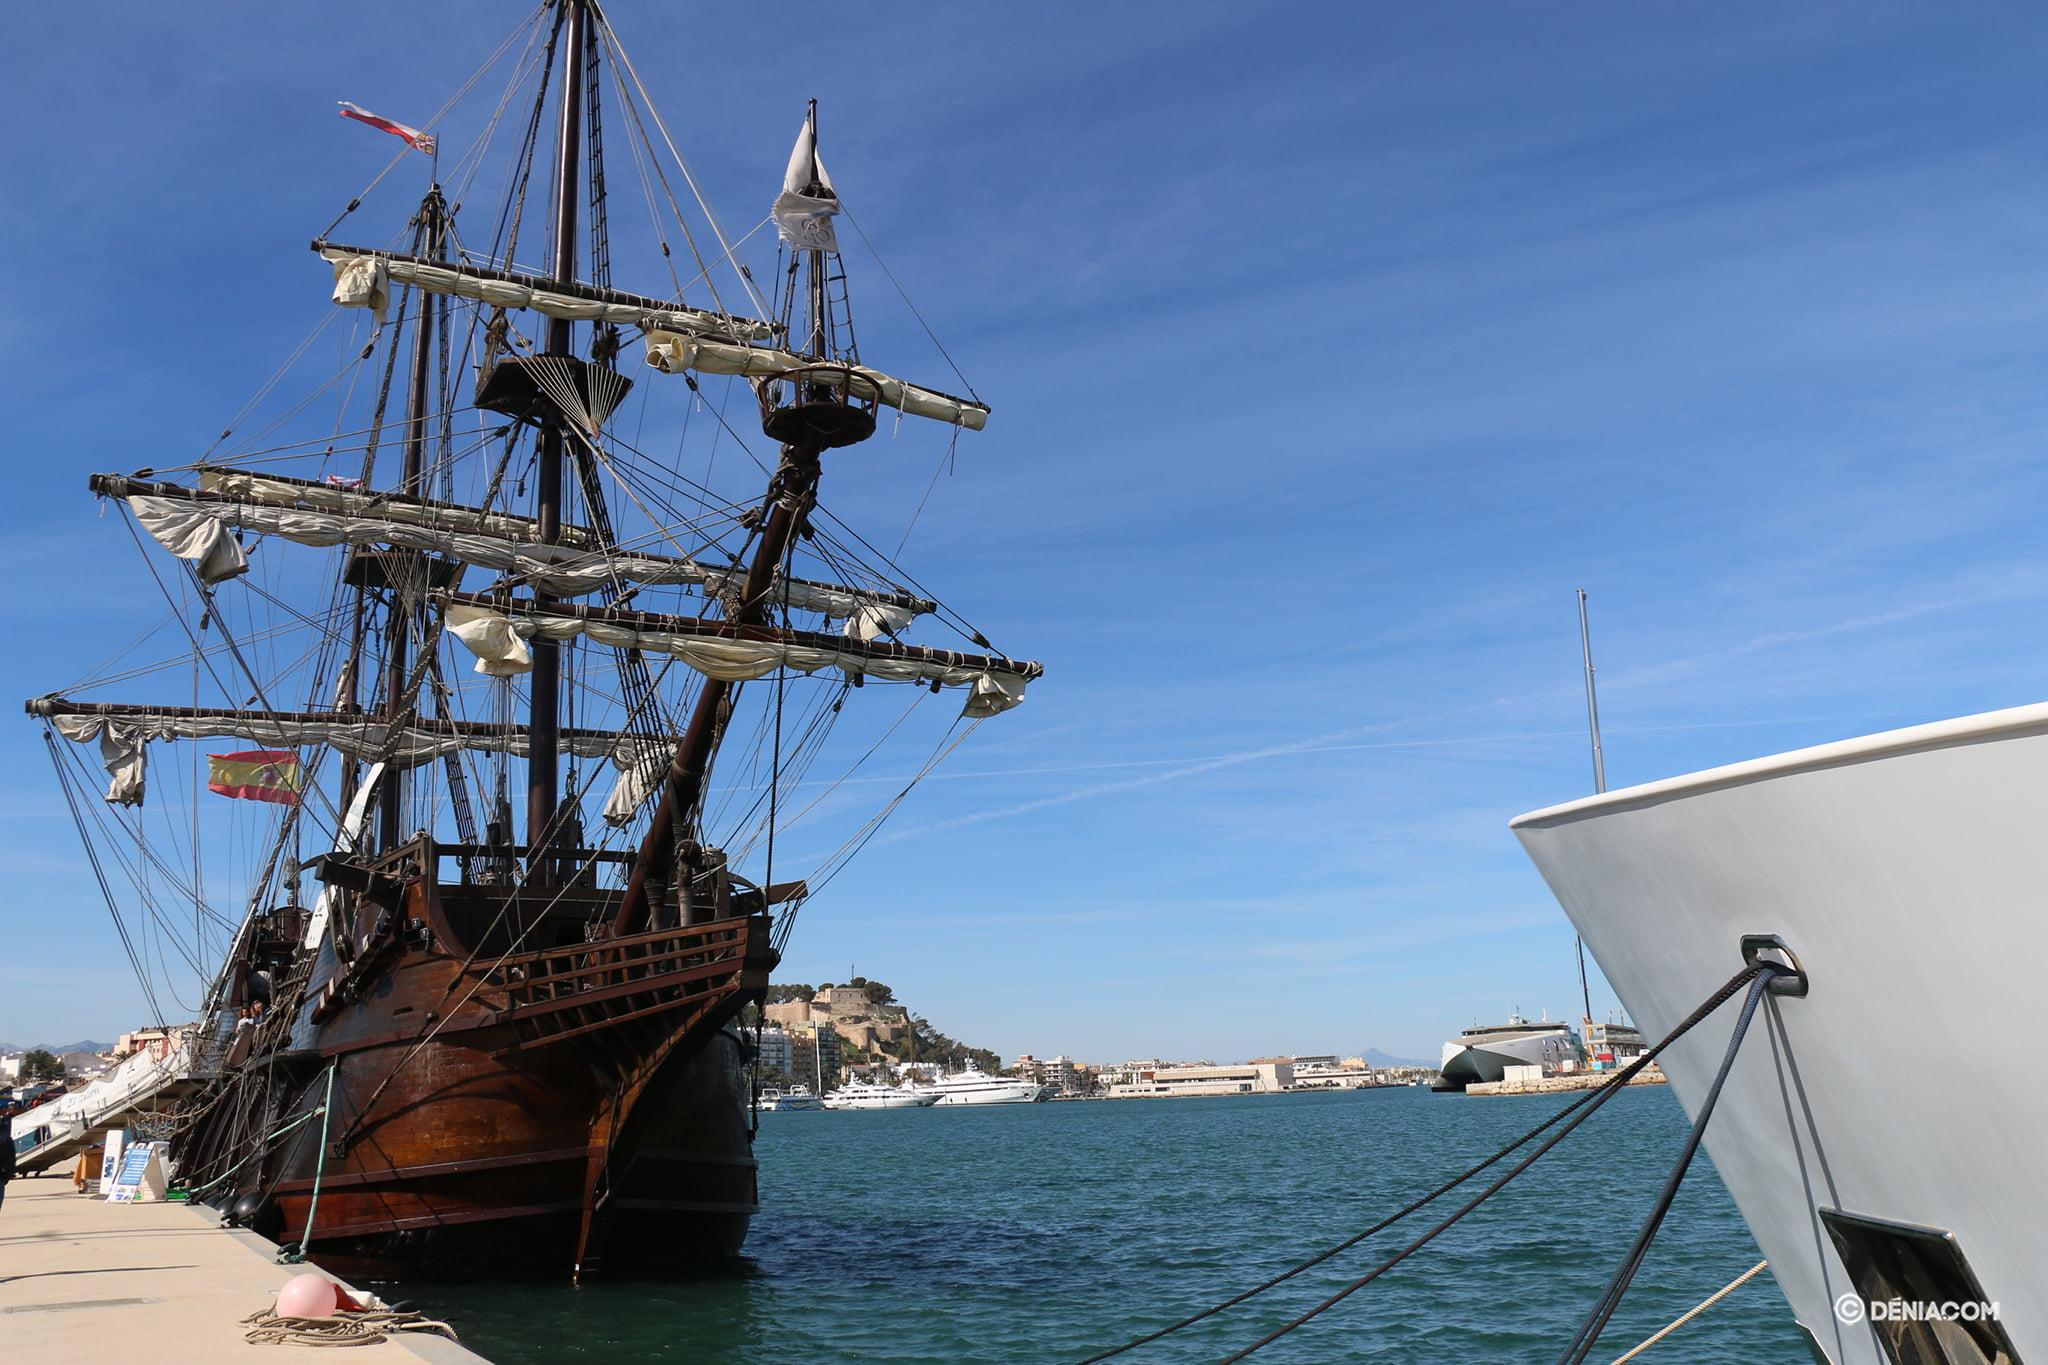 Il galeone andaluso ormeggia nella marina di Denia